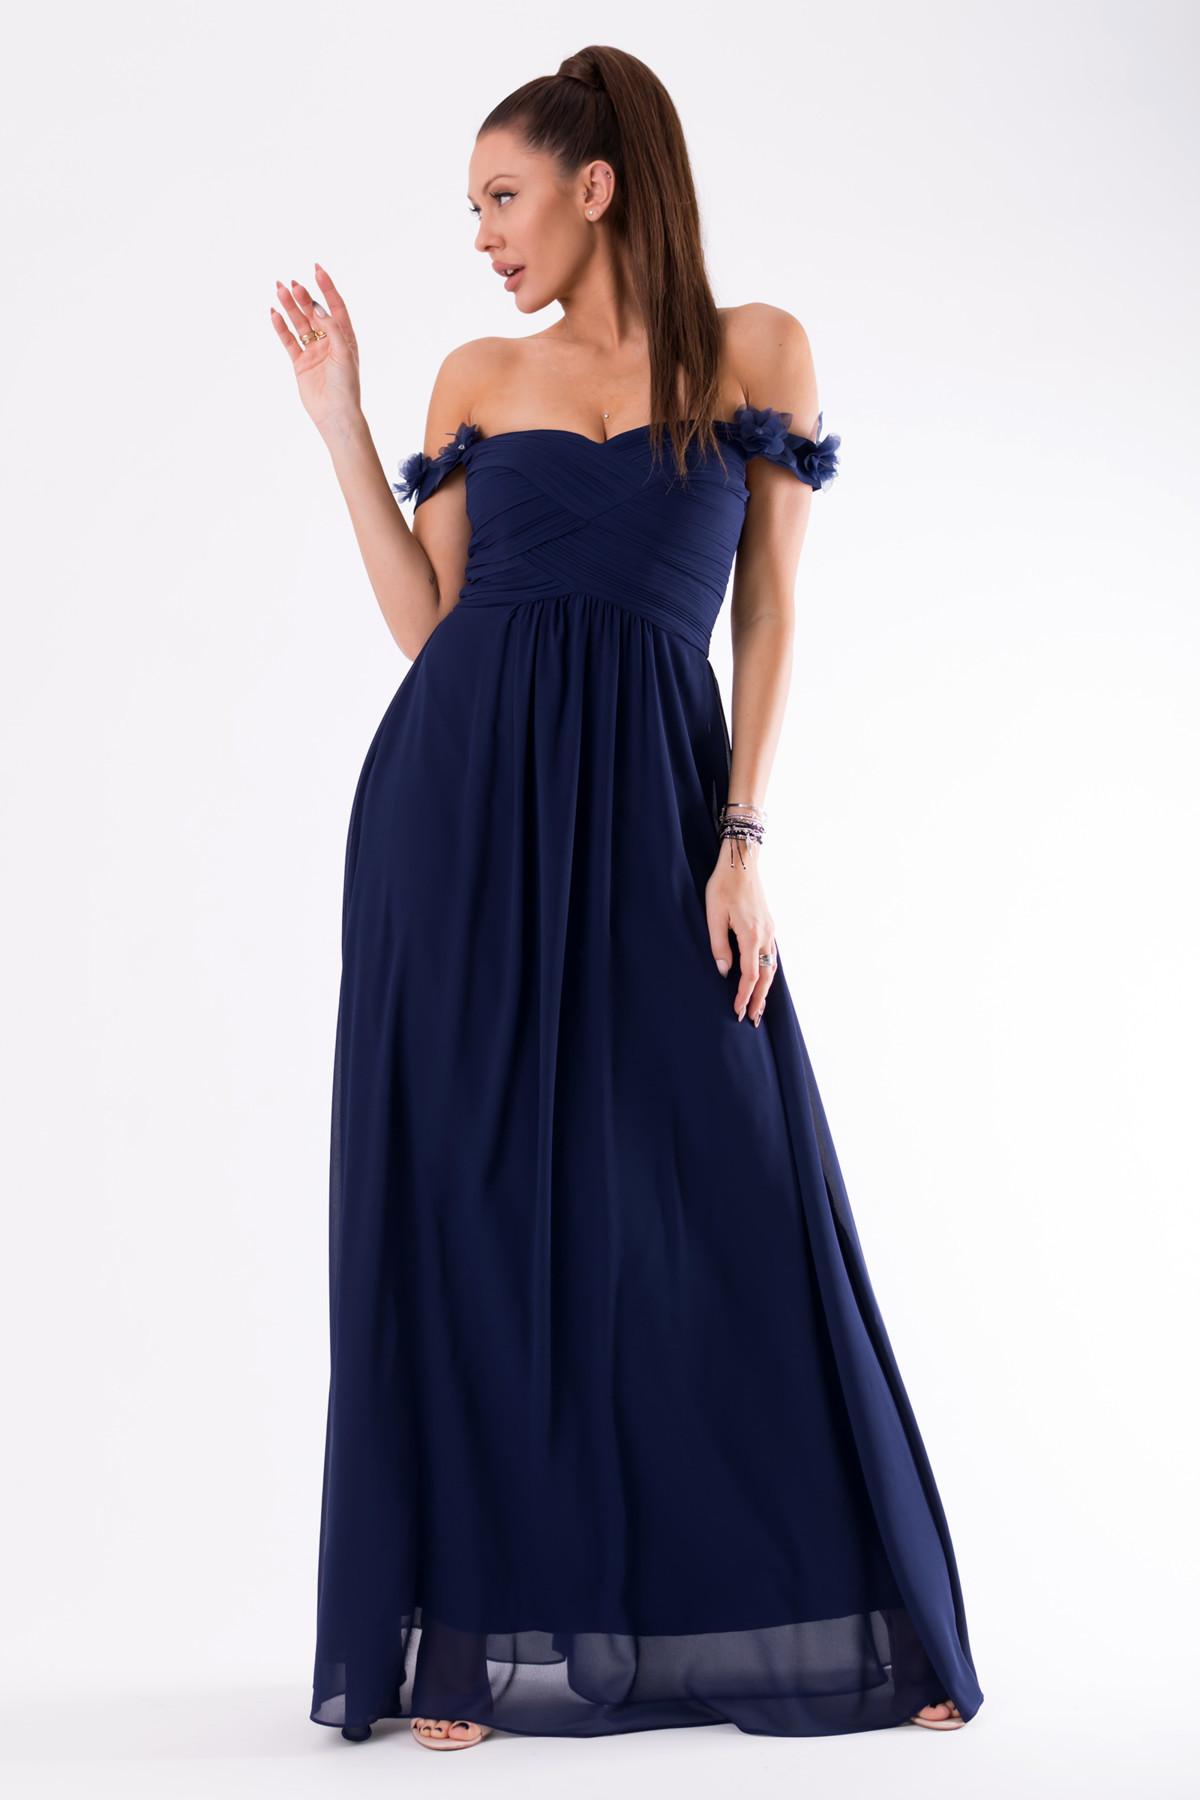 Dámské plesové šaty EVA & LOLA se spadlými rukávky dlouhé tmavě modré - Tmavě modrá / L - EVA&LOLA L